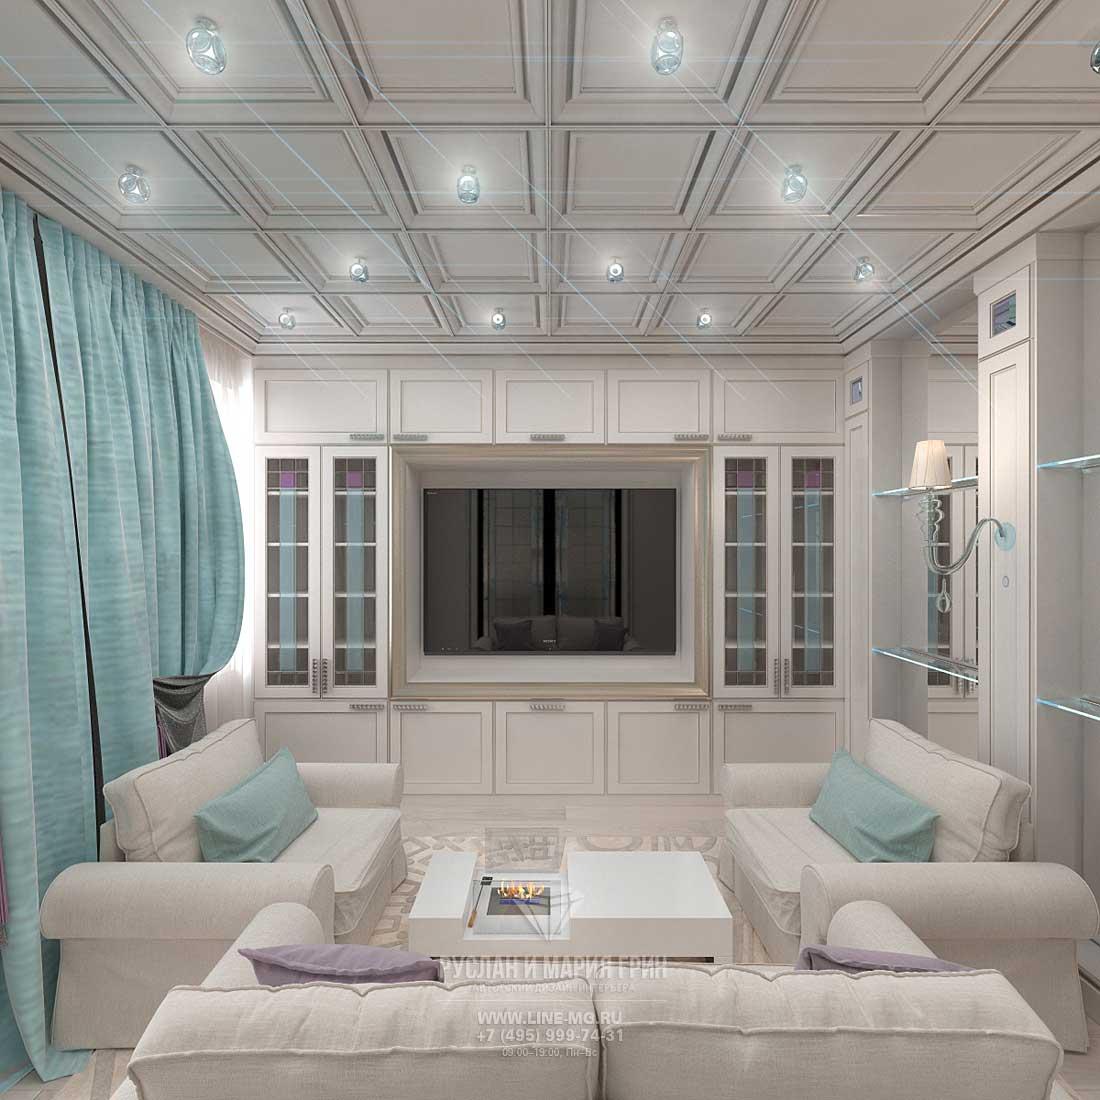 Дизайн красивой квартиры. Фото интерьера гостиной в ЖК «Лайнер»